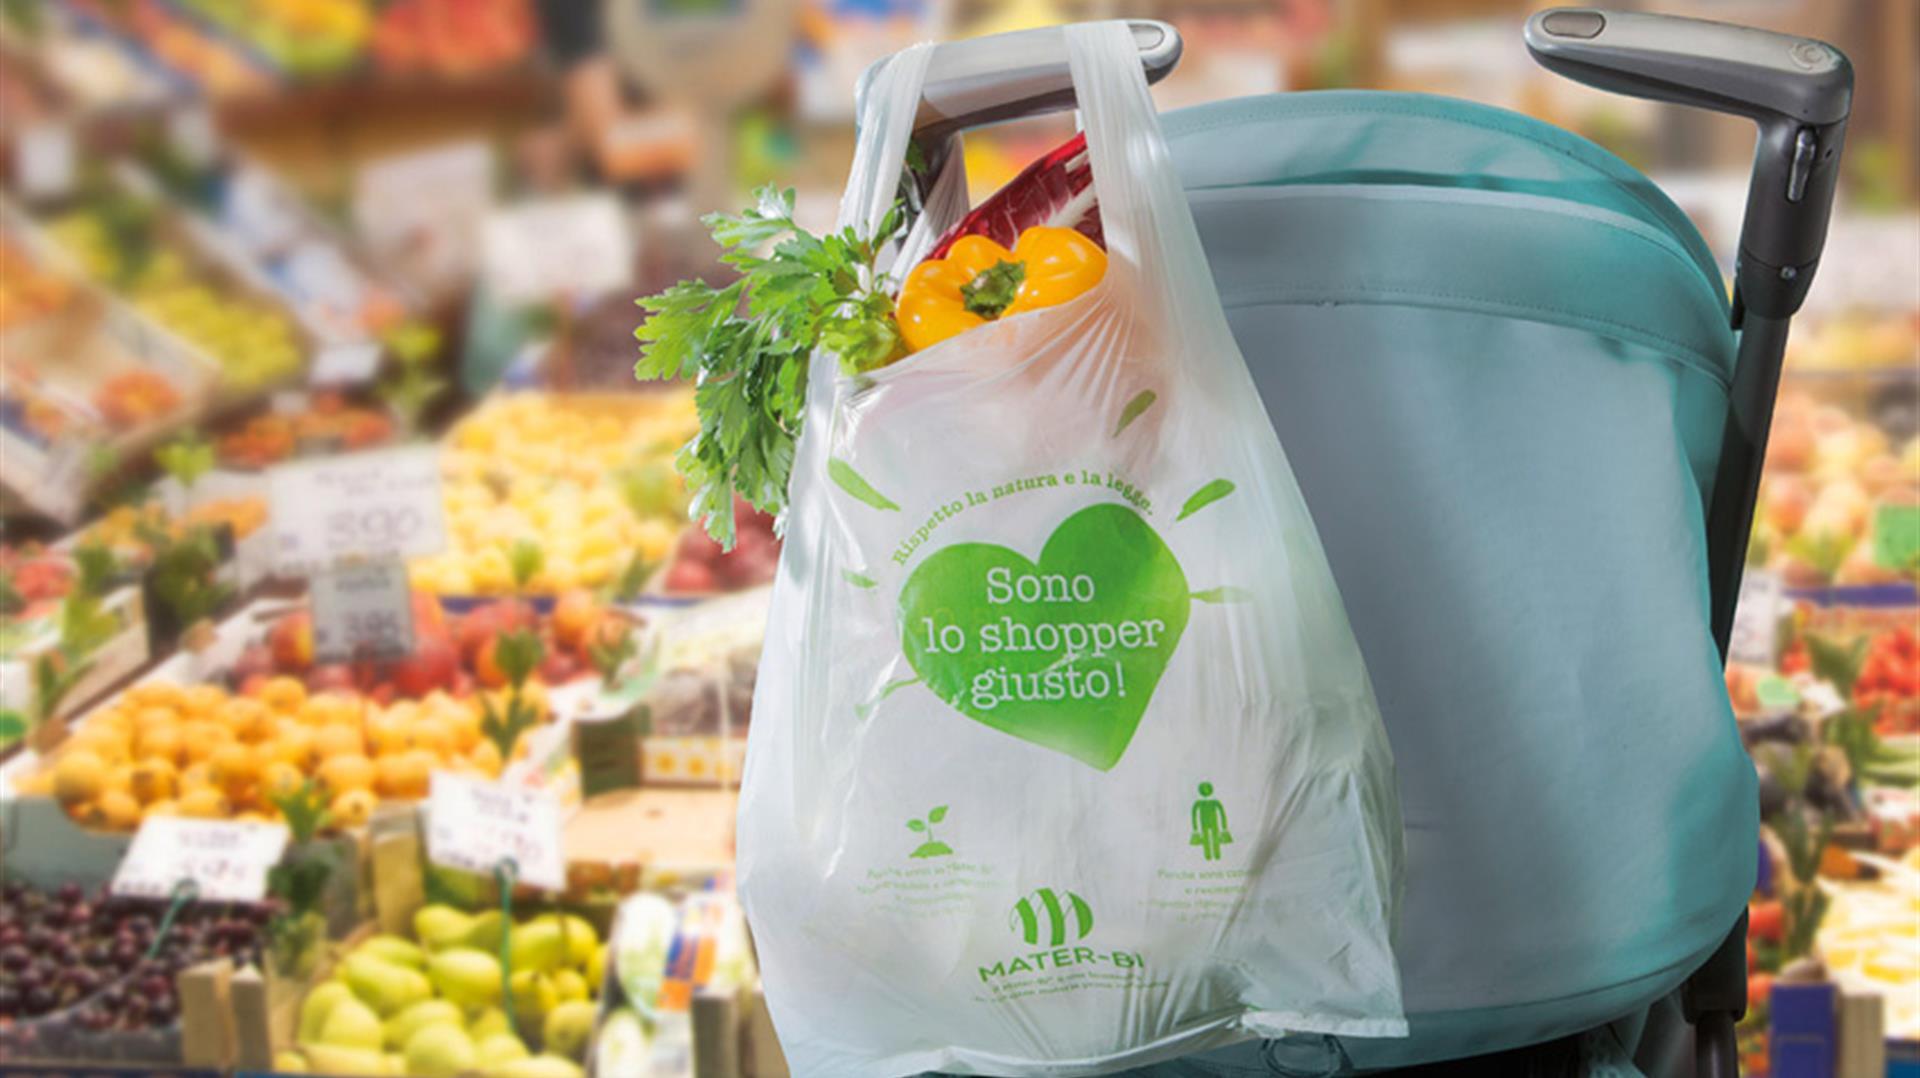 Teknekoconsegna dei sacchetti biodegradabili e compostabili agli utenti di Trasacco, Collelongo e Villavallelonga